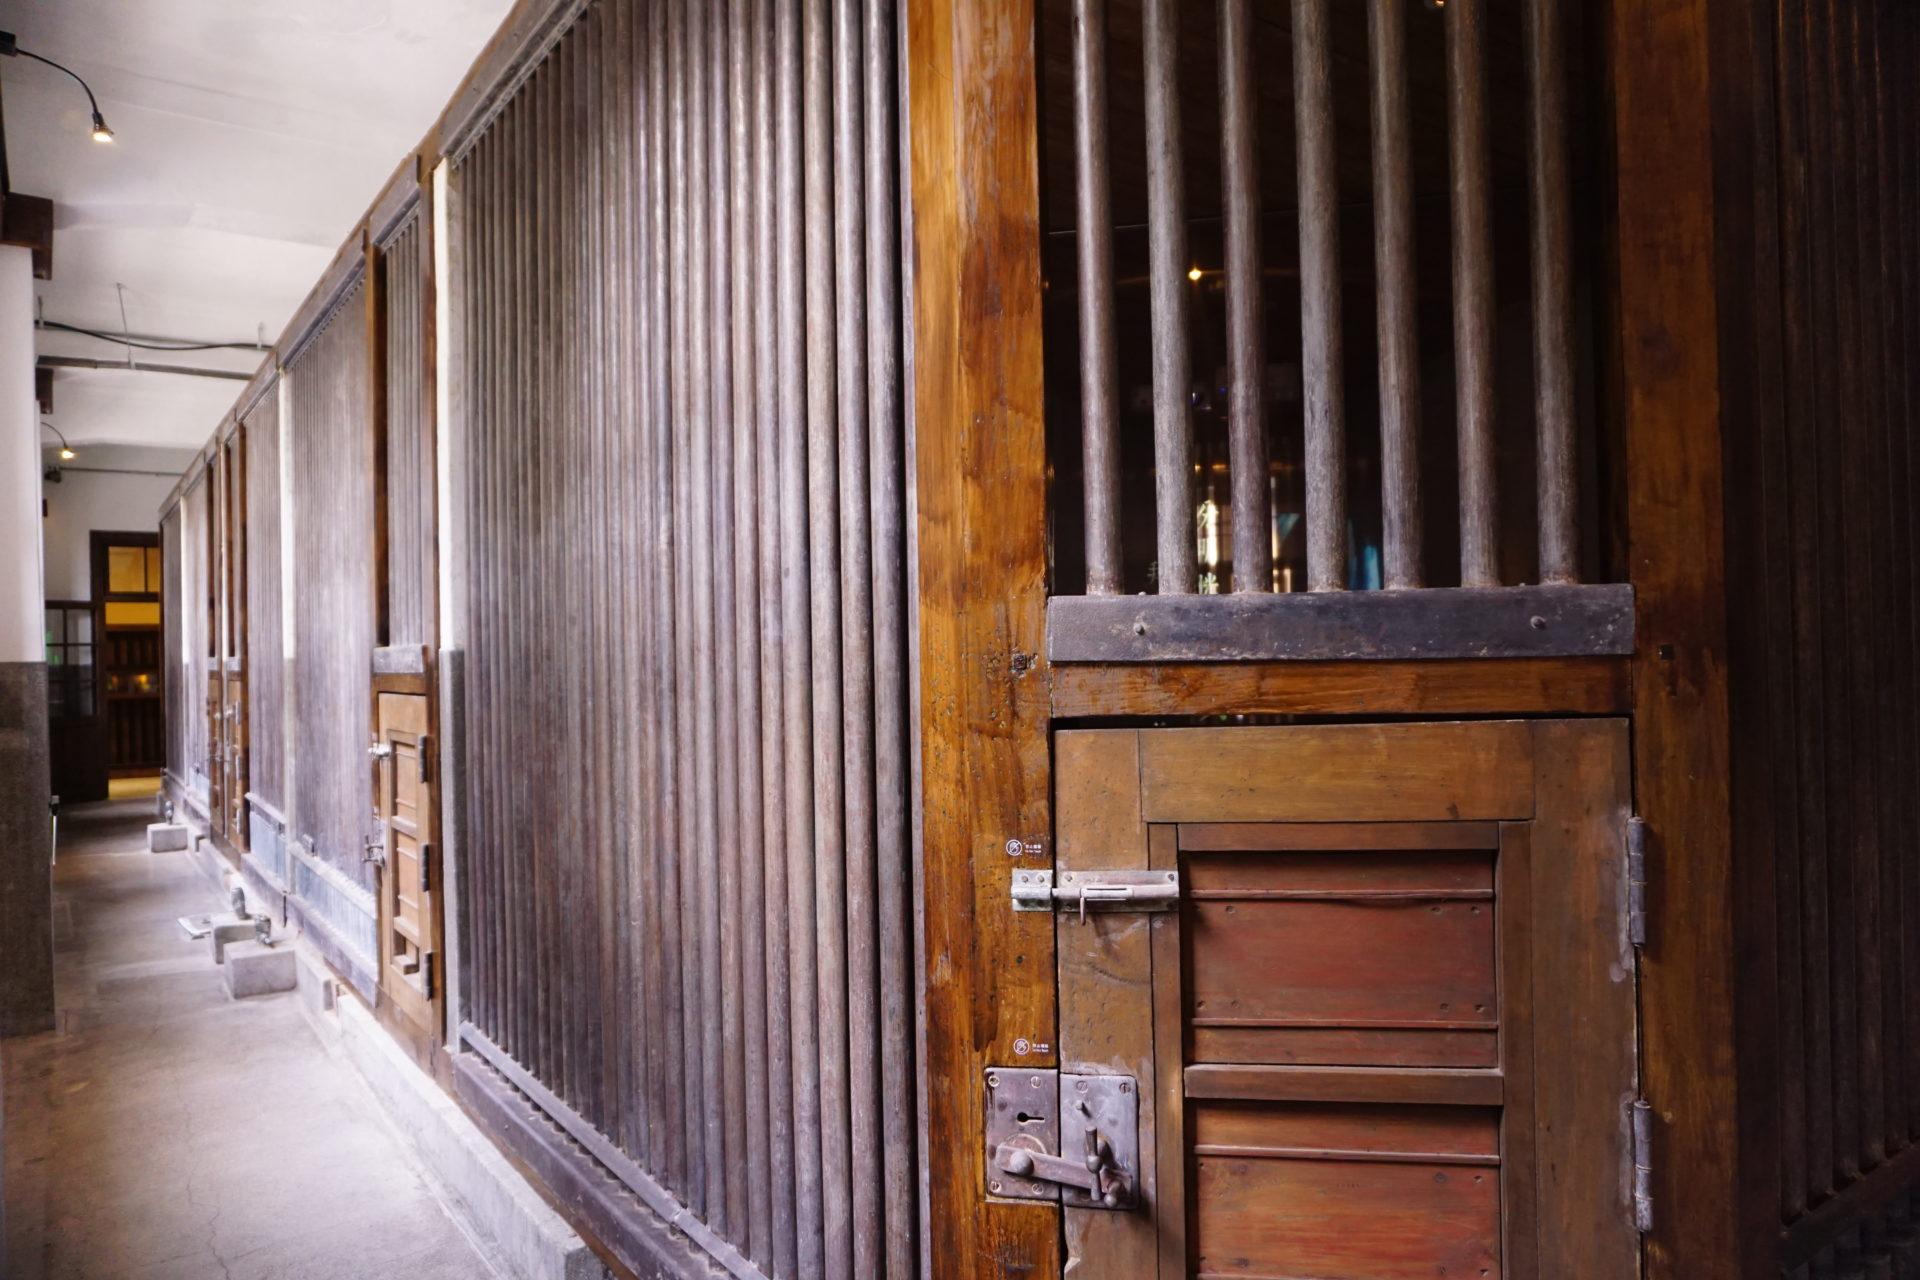 【博物之島專文】從鱸鰻頭的拘留室到博物館:臺灣新文化運動紀念館的光榮翻身